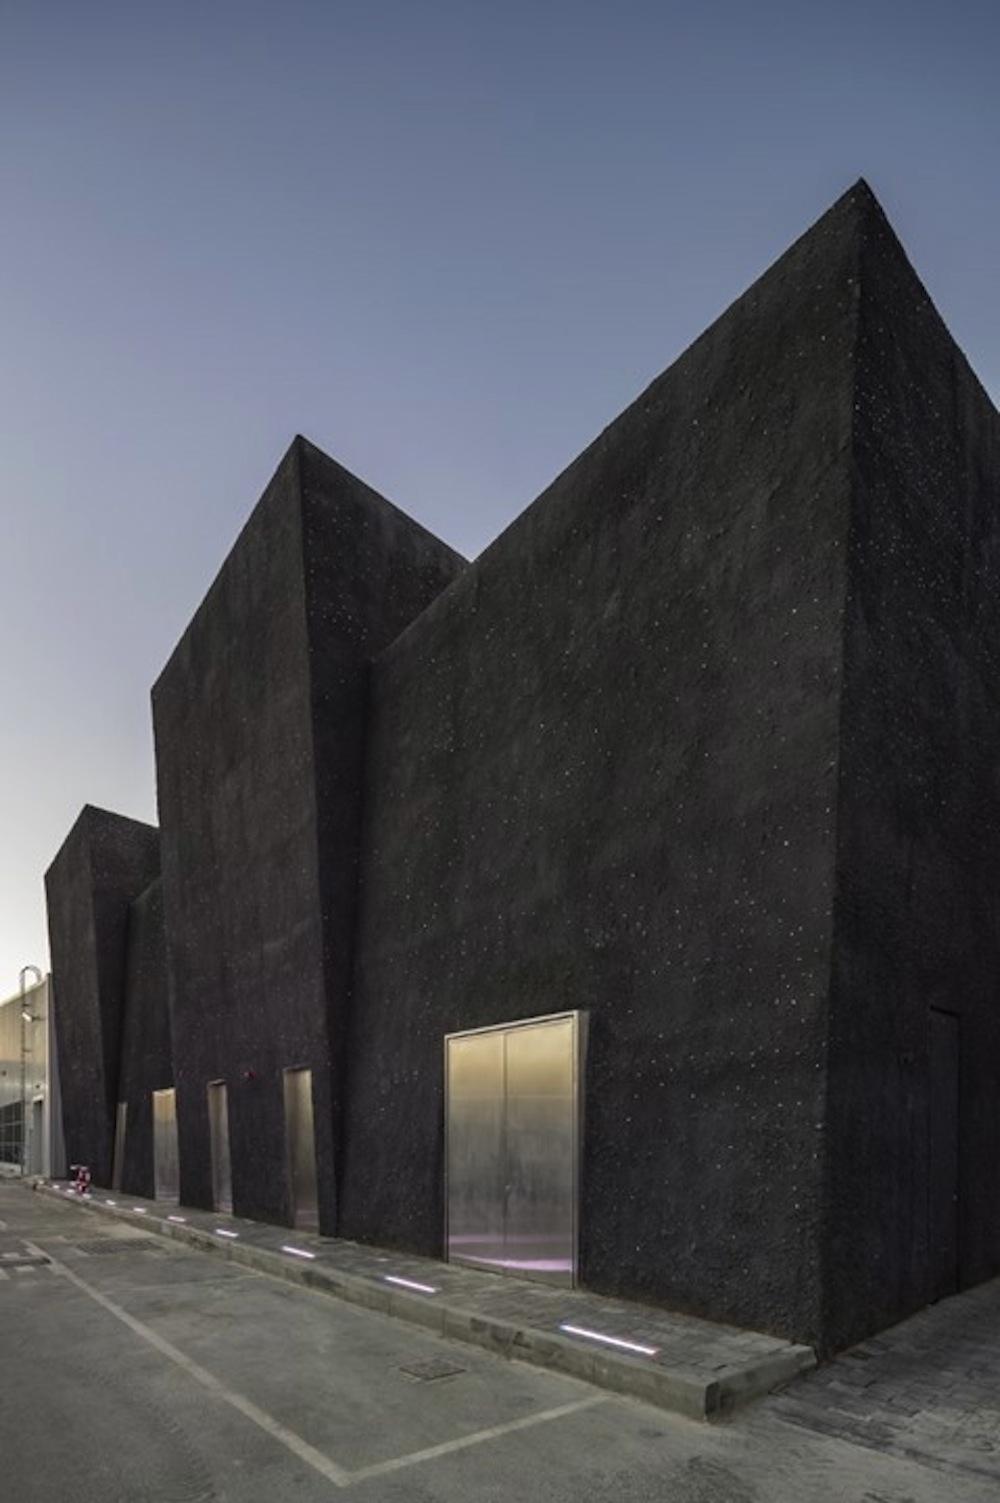 Concrete, Rem koolhaas